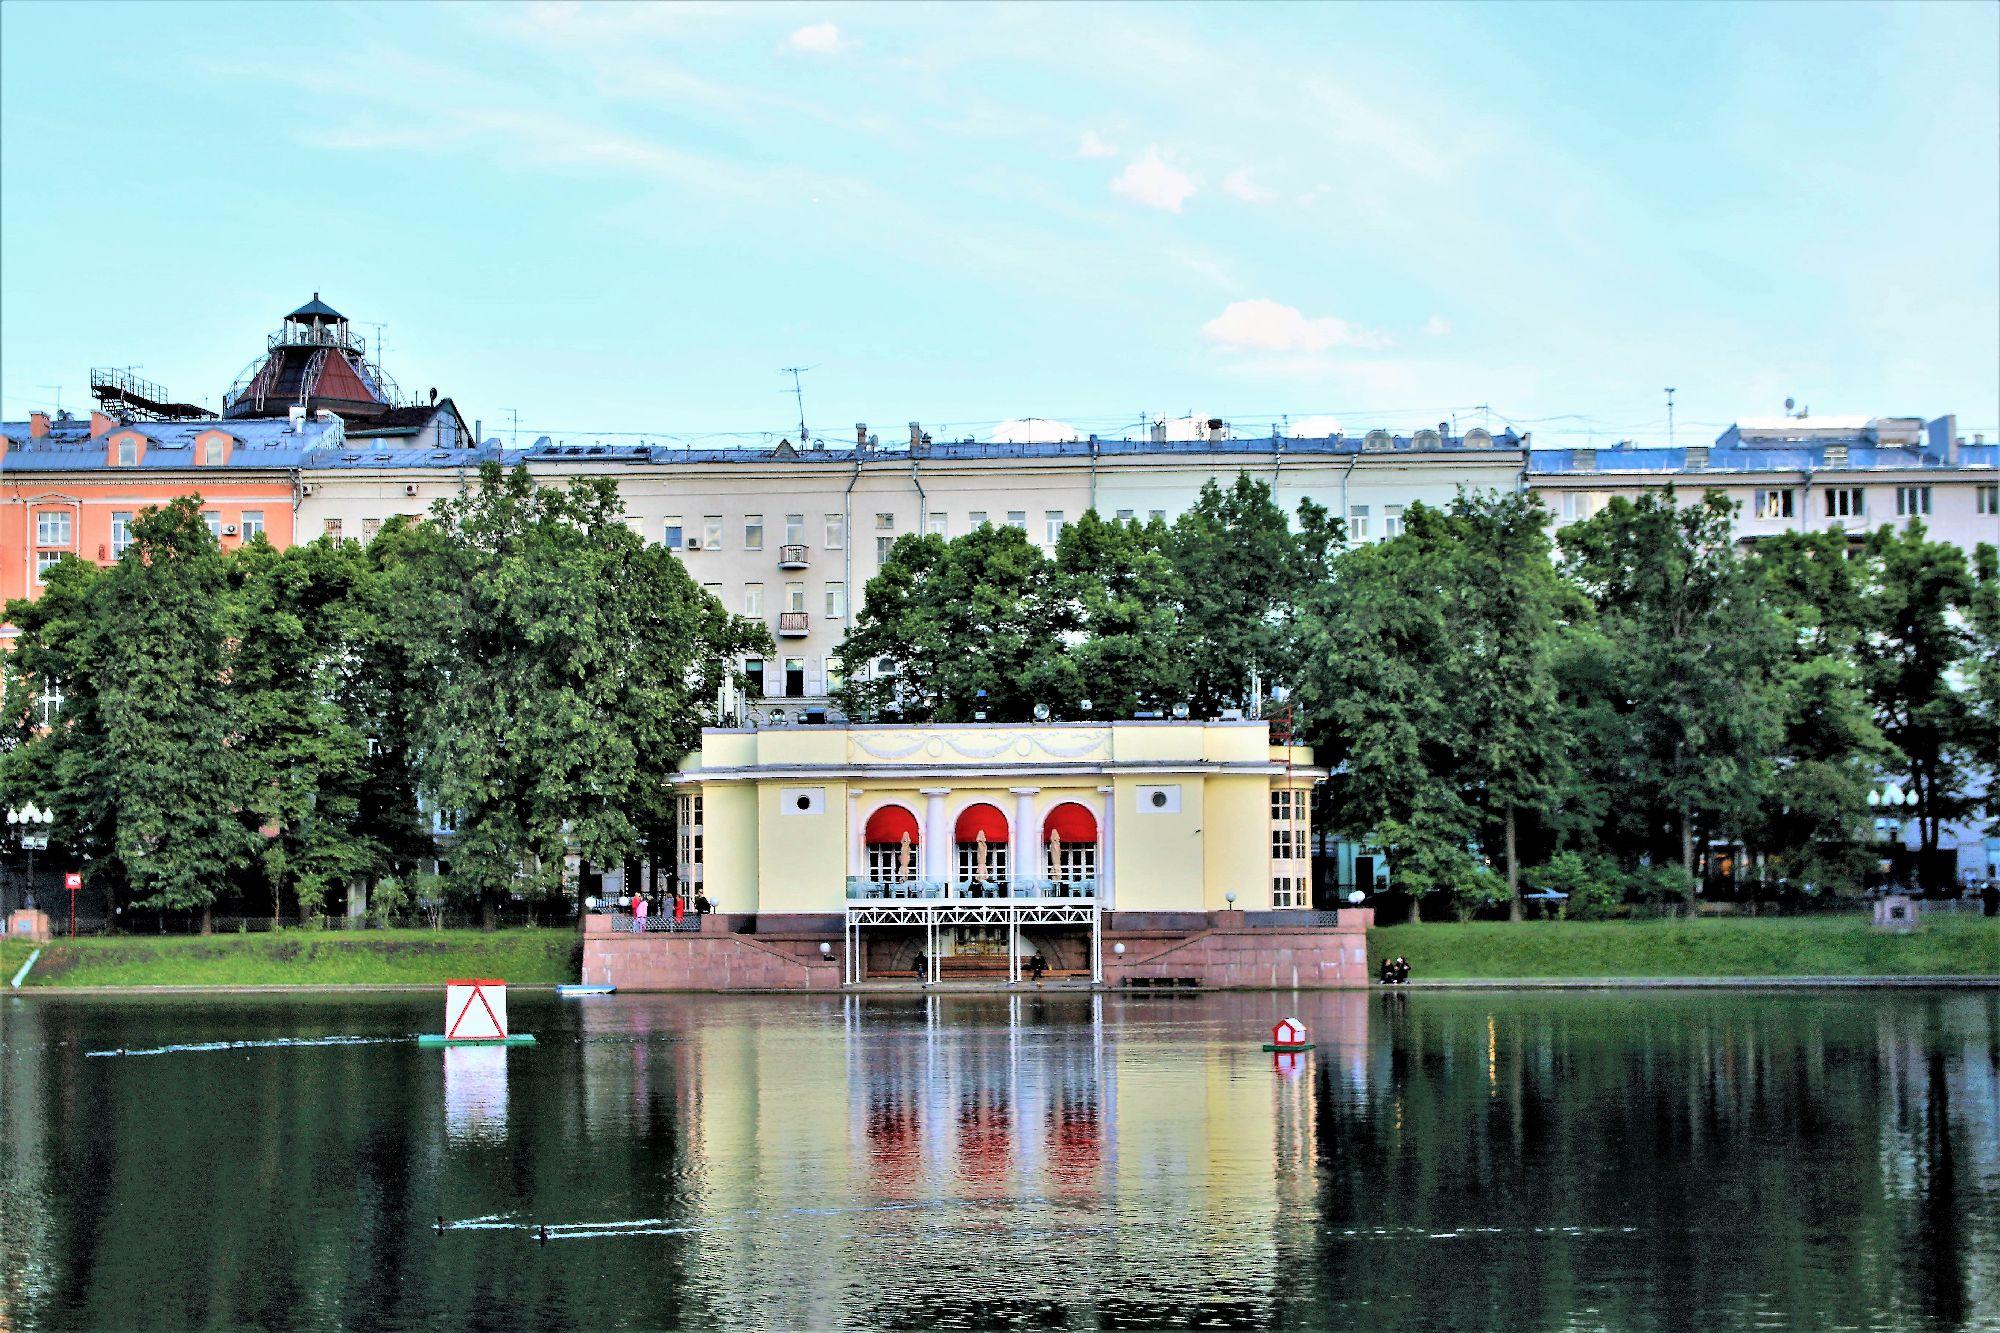 Moskwa. Patriarsze Prudy, tam gdzie Berlioz stracił głowę